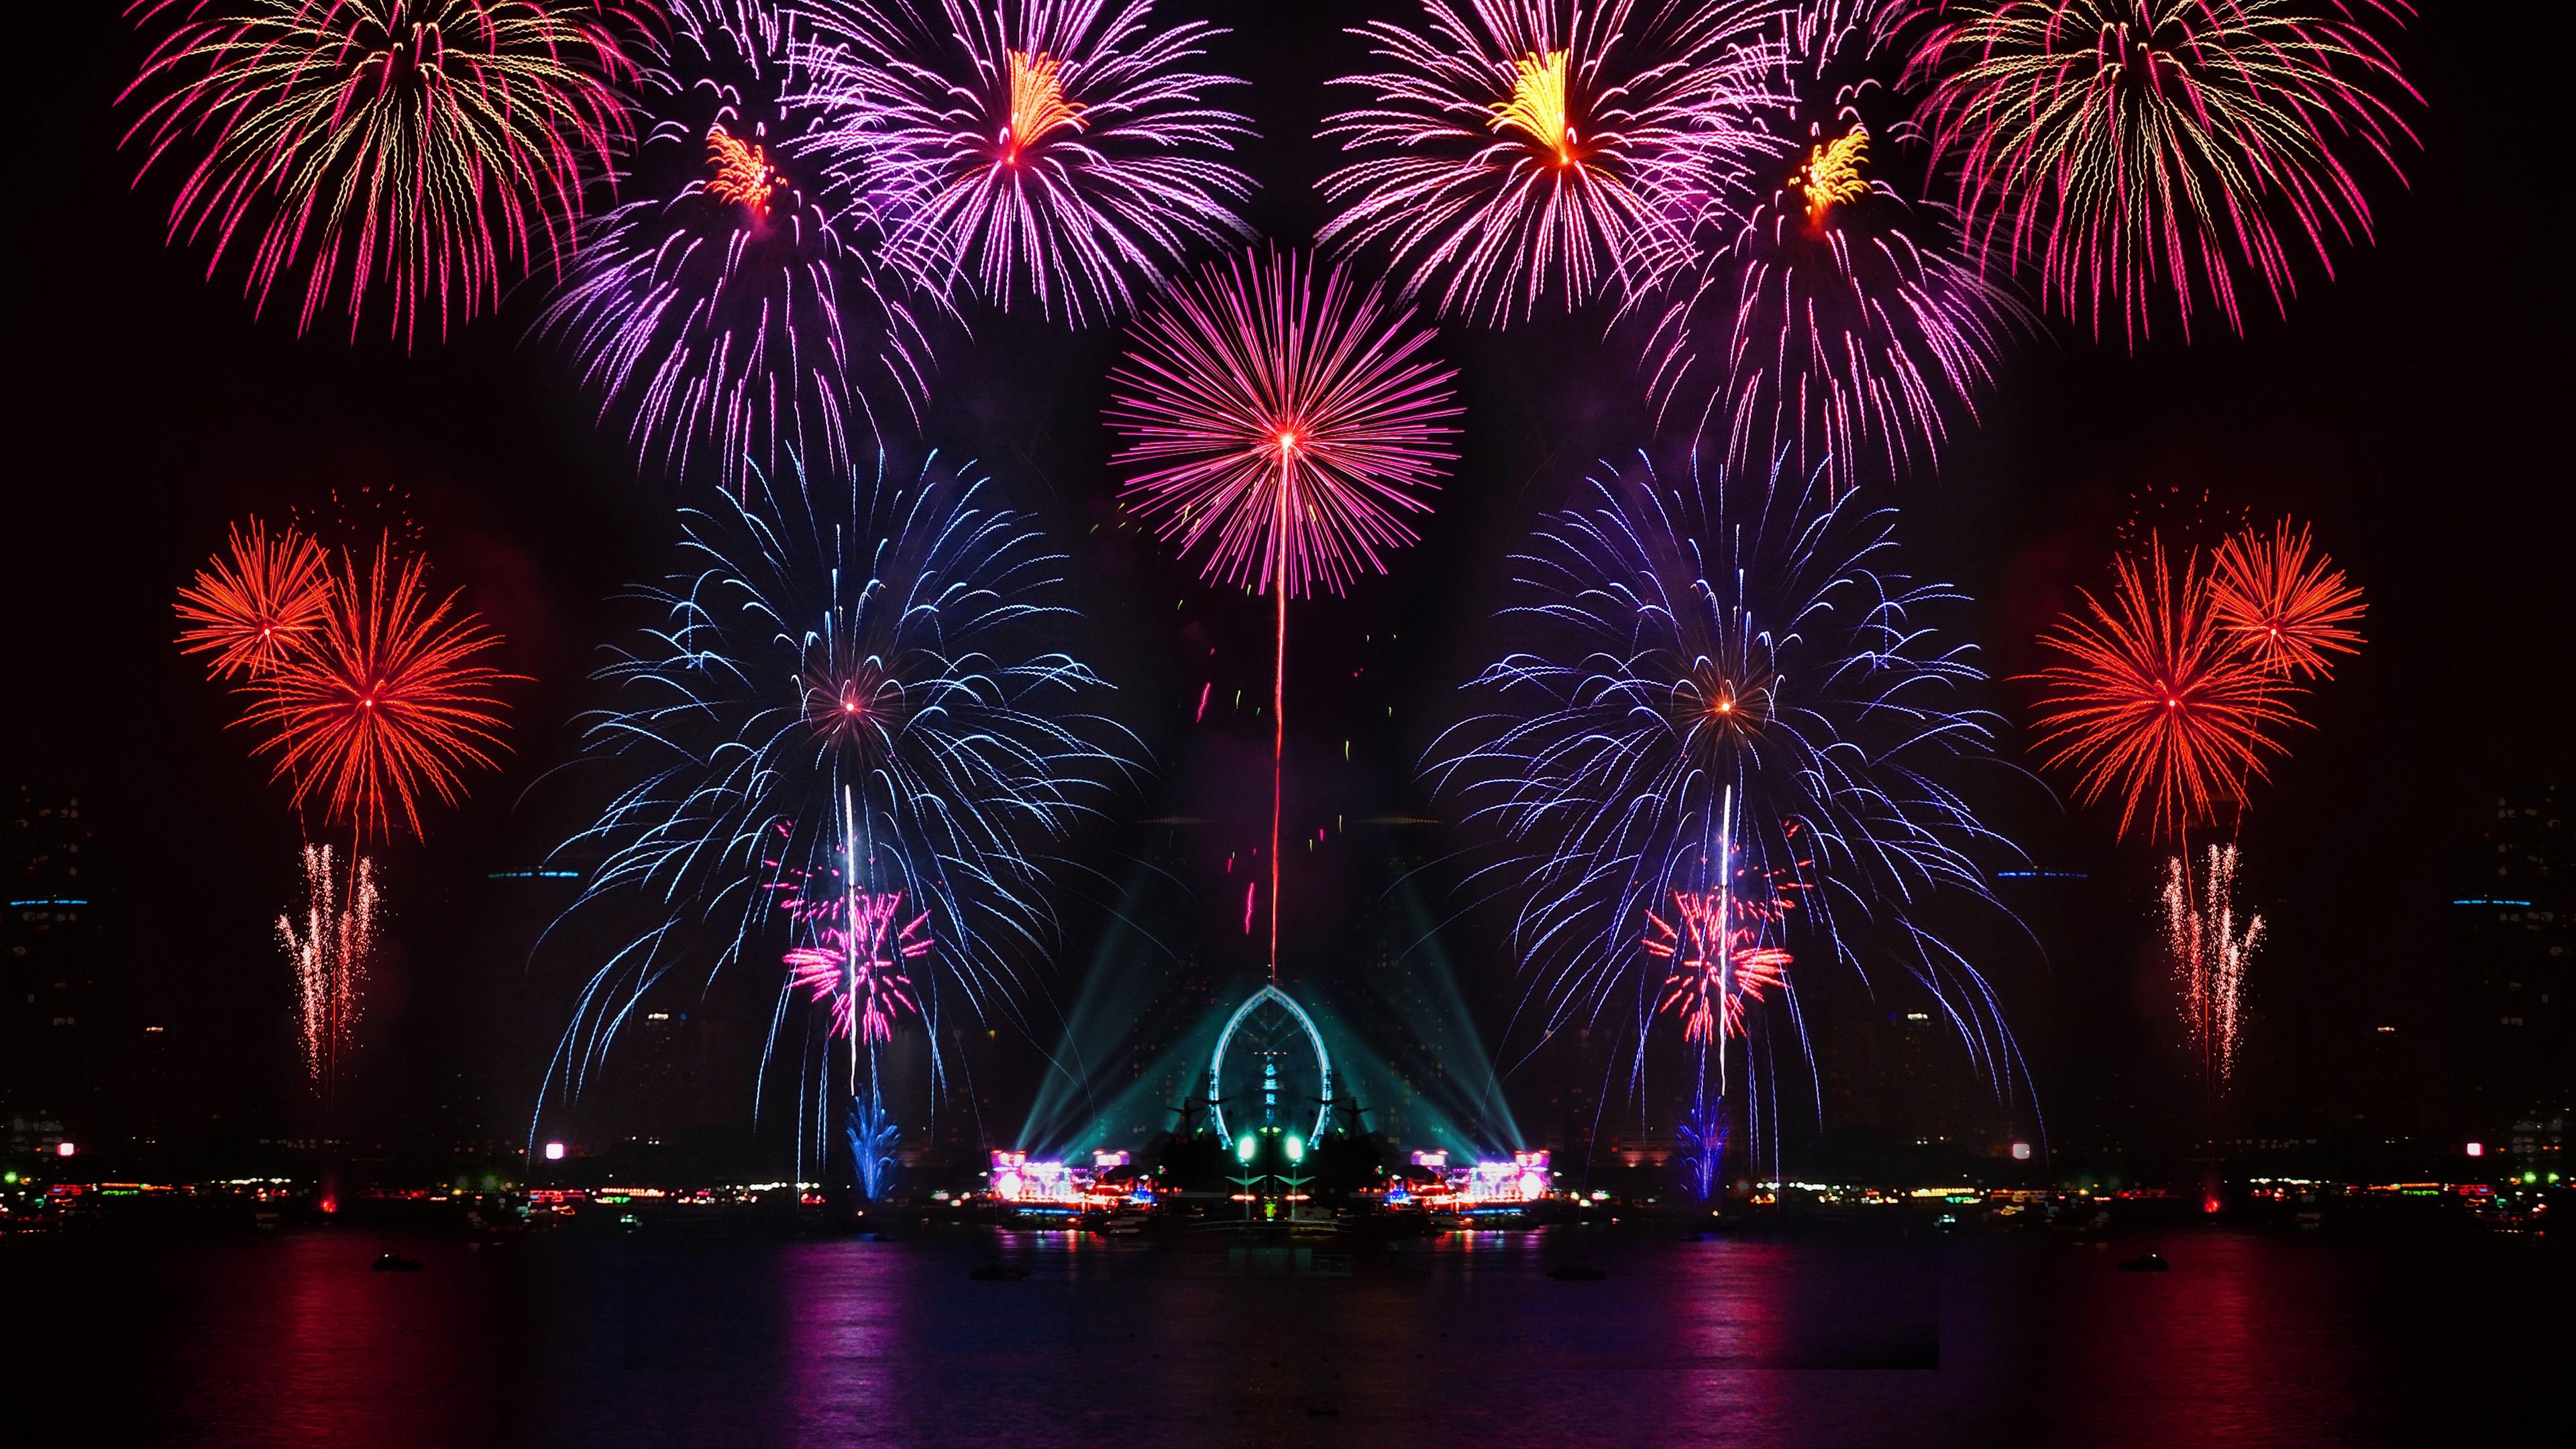 Schöne Stadt Nacht, bunt, Feuerwerk , Licht, Wasser Reflexion Hintergrundbild...